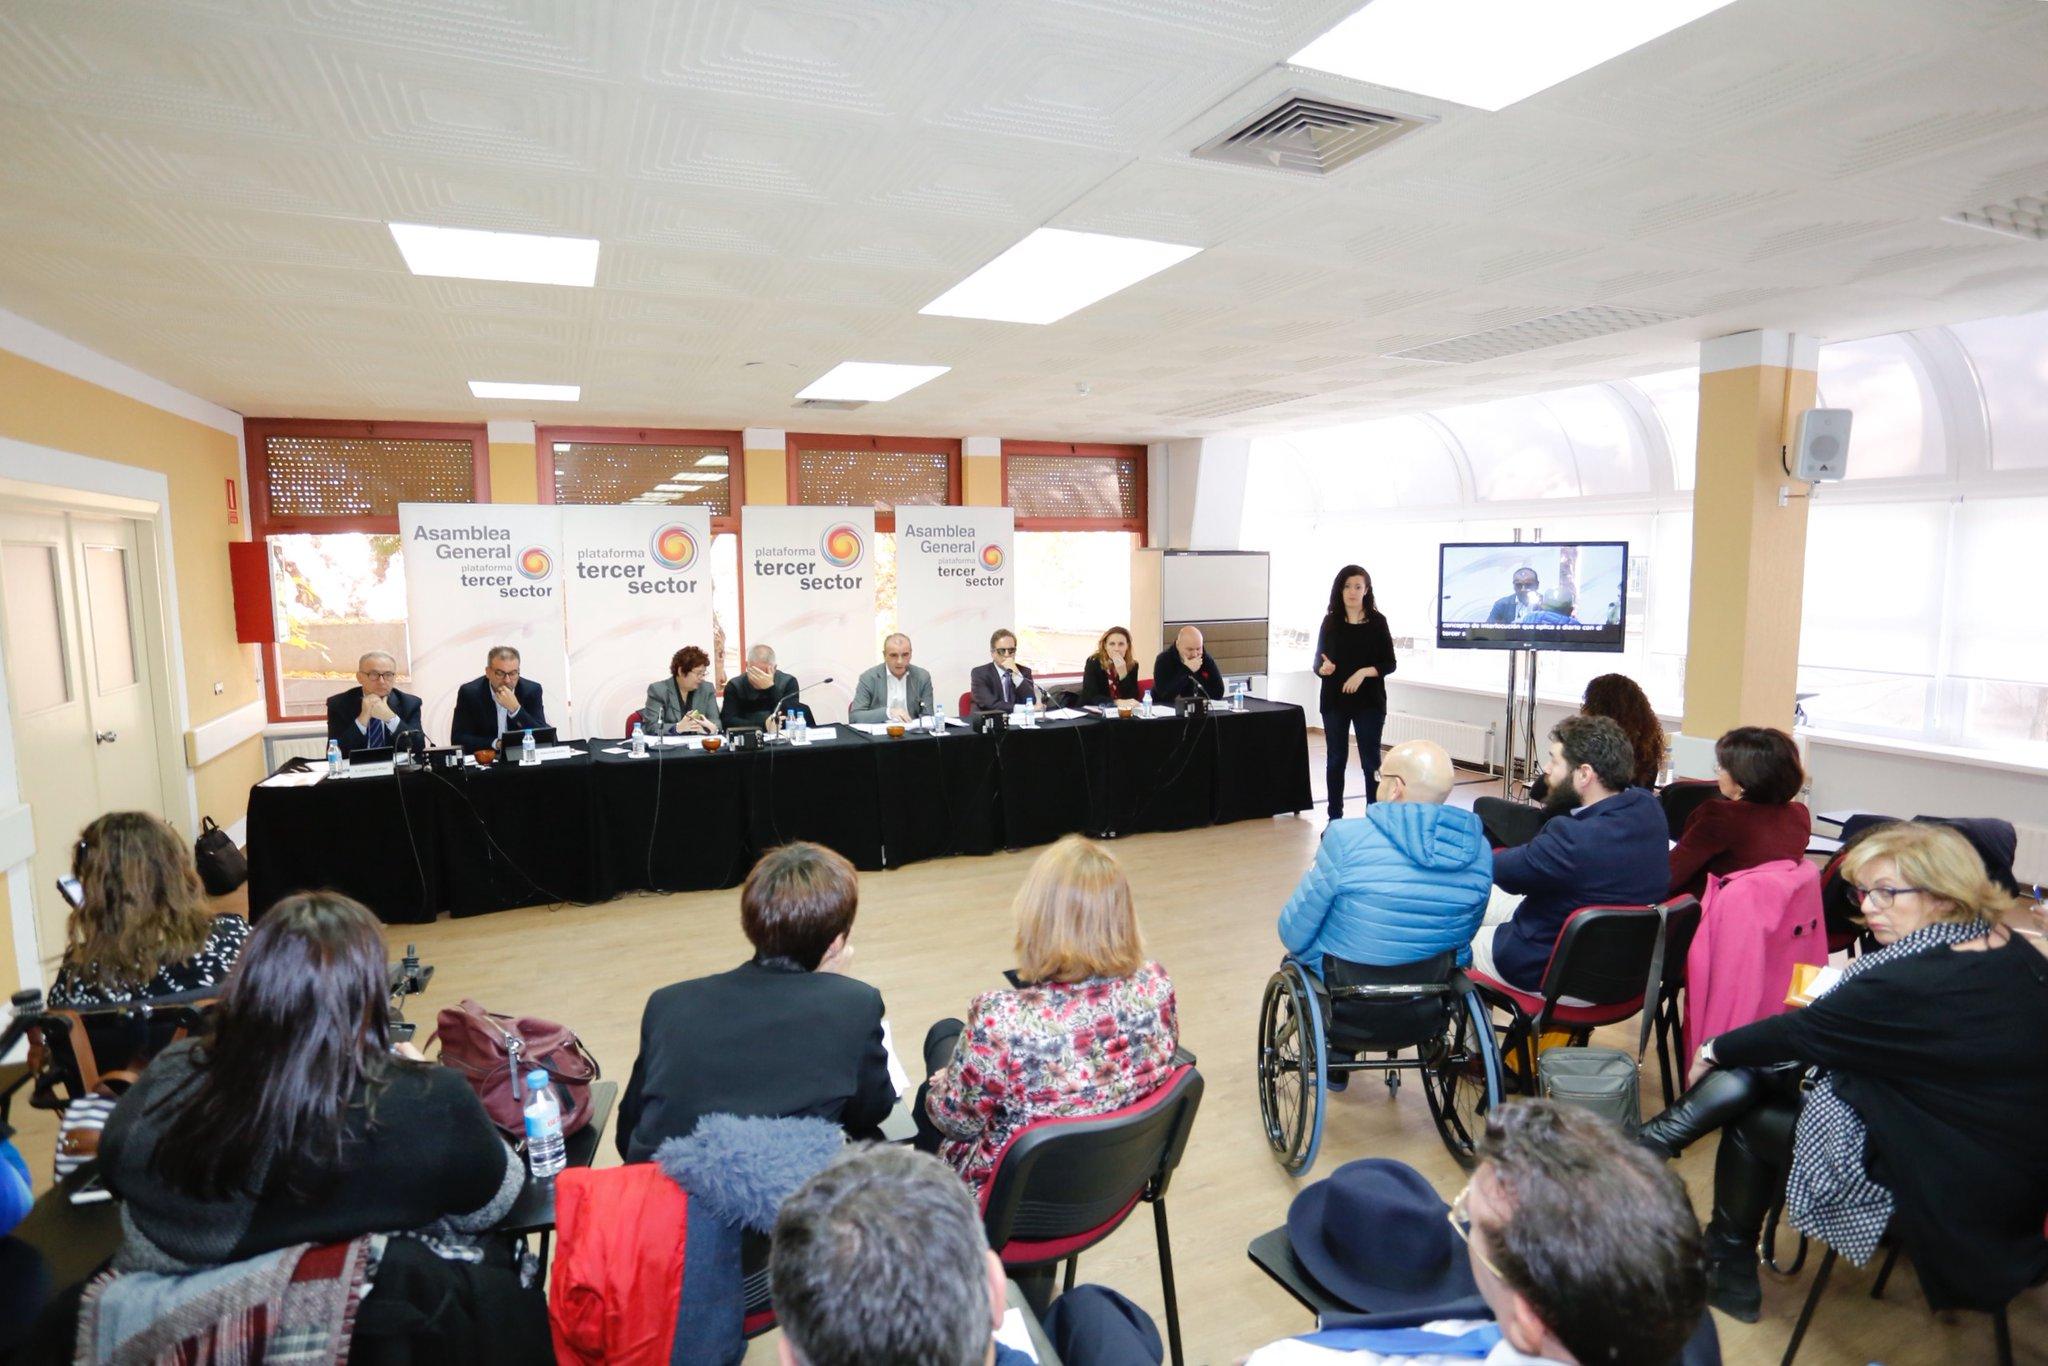 Asamblea General de la Plataforma del Tercer Sector.